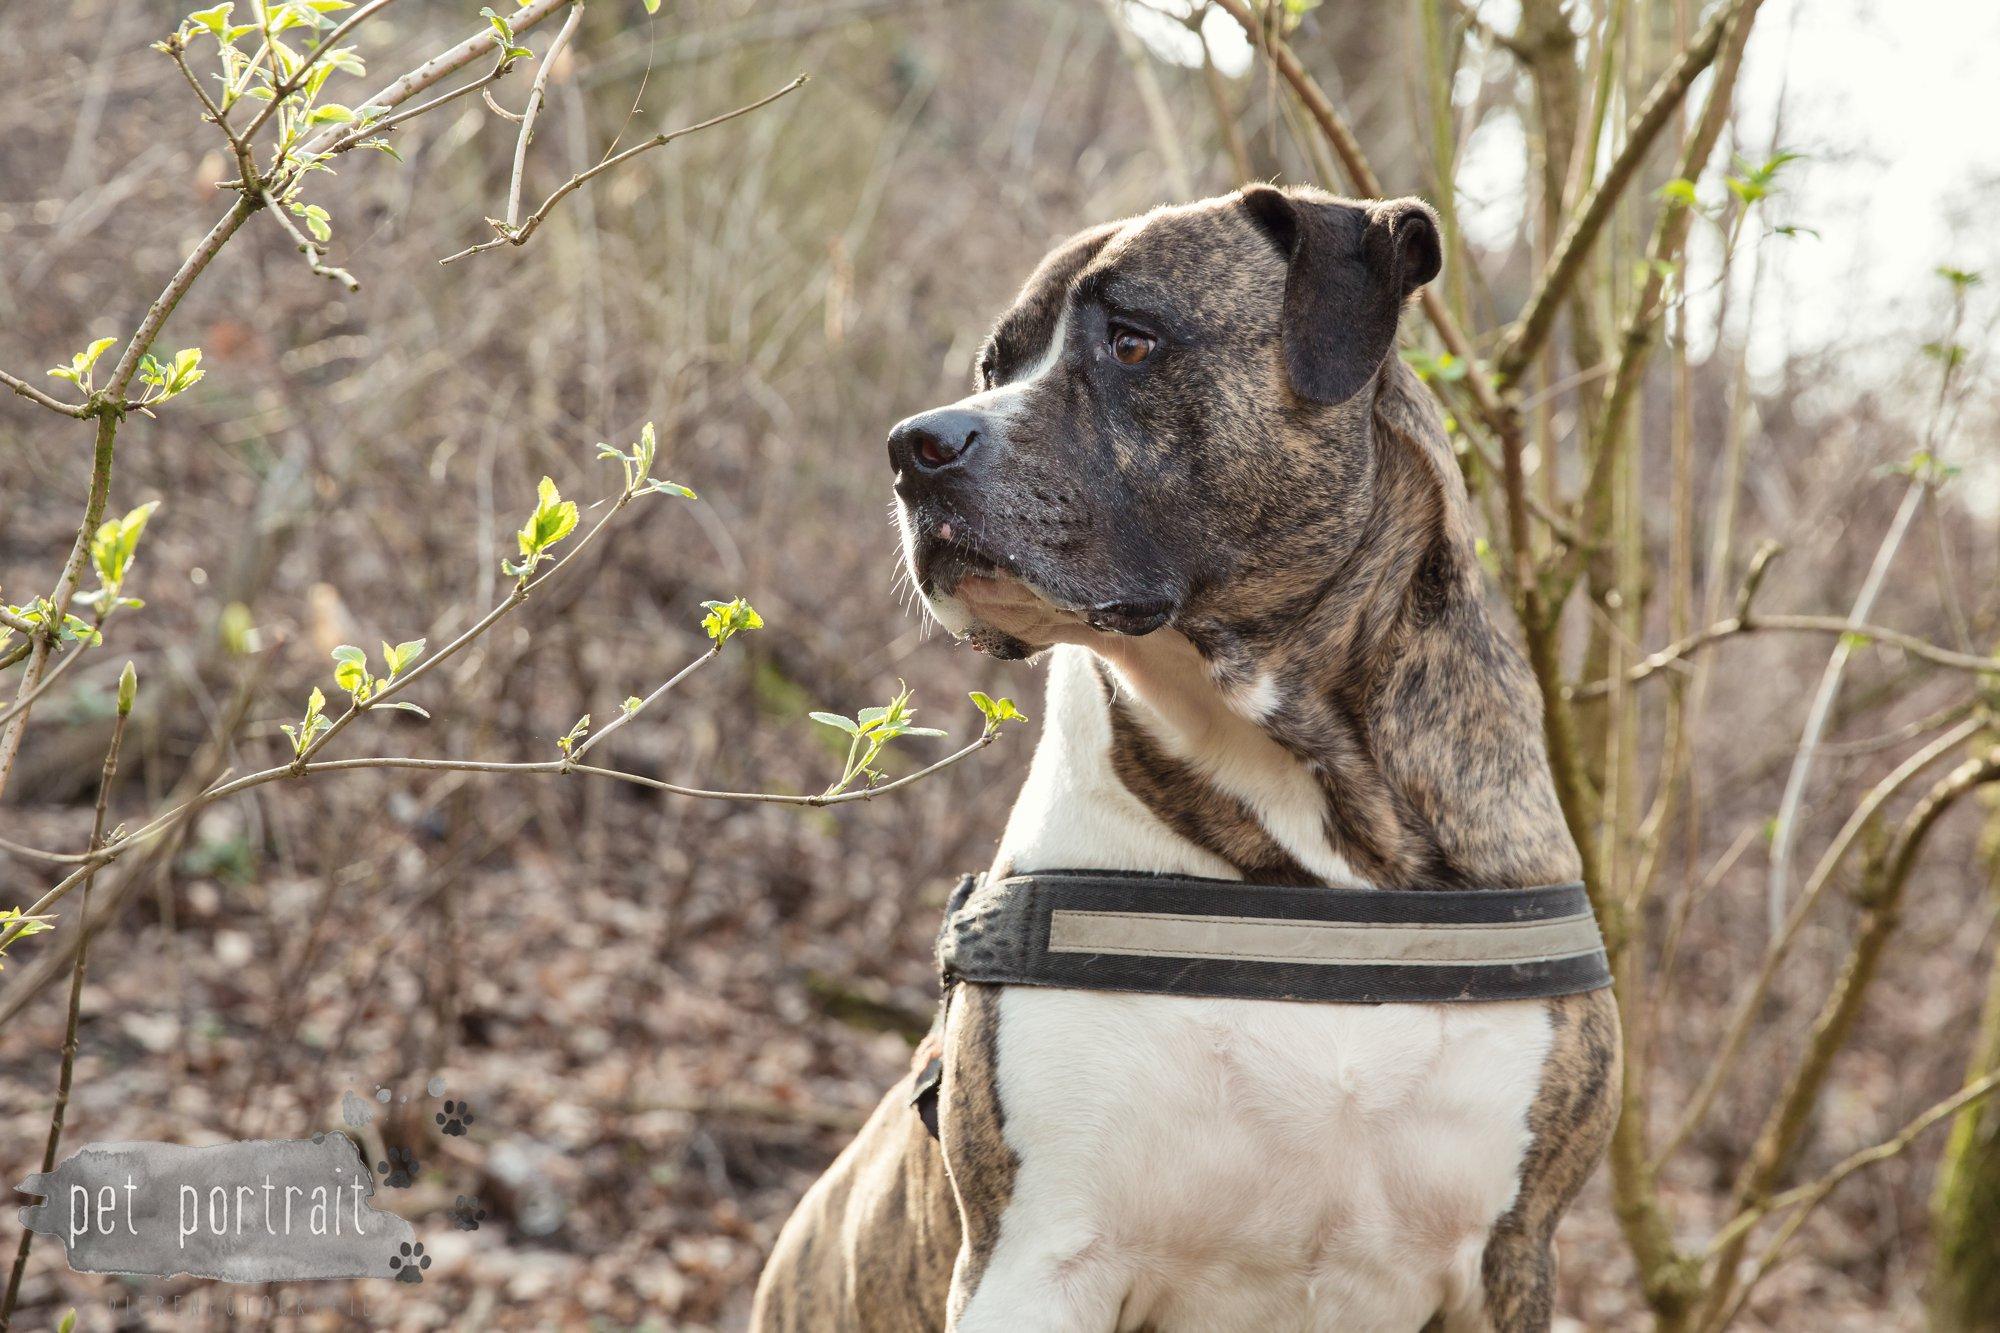 Hondenfotograaf Heemstede - Dier en Baasje fotoshoot in het bos-4